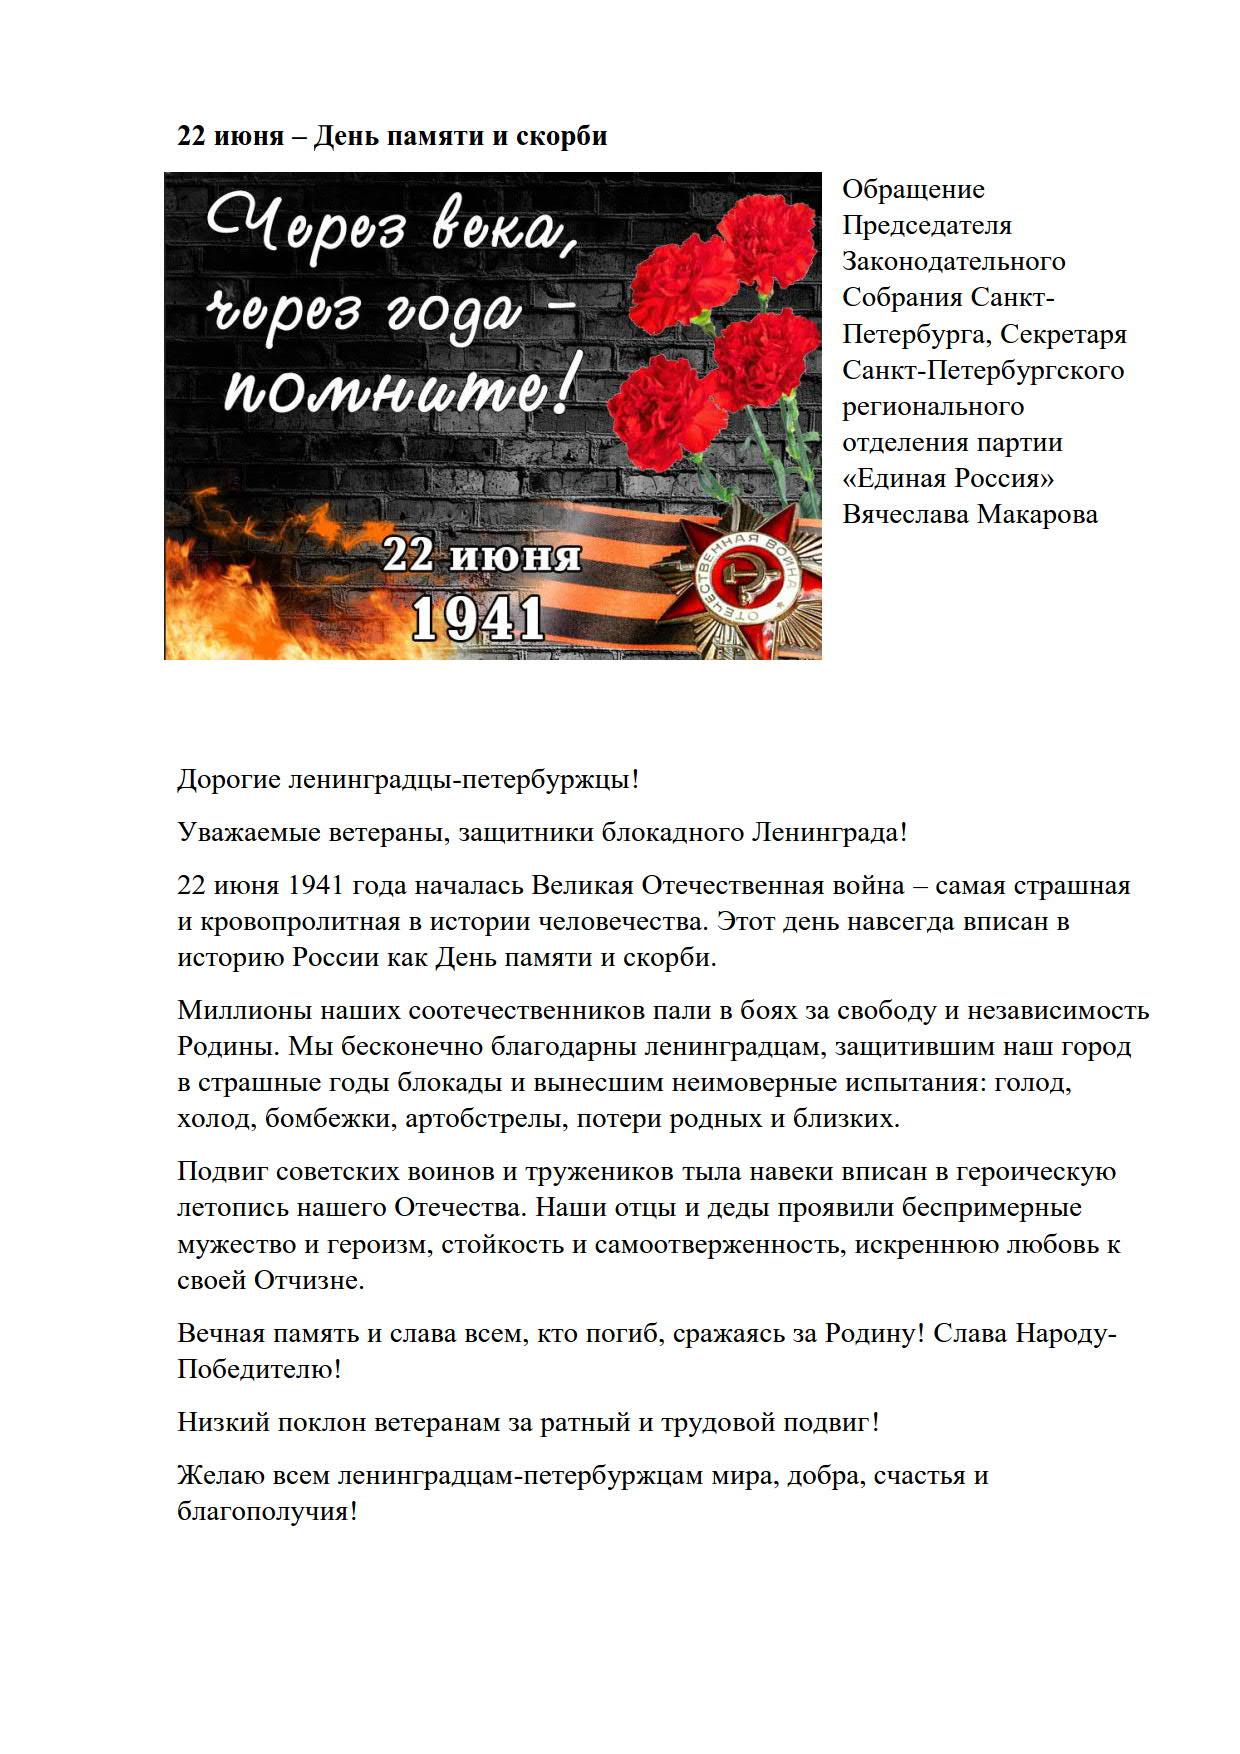 22 июня День памяти и скорби_1